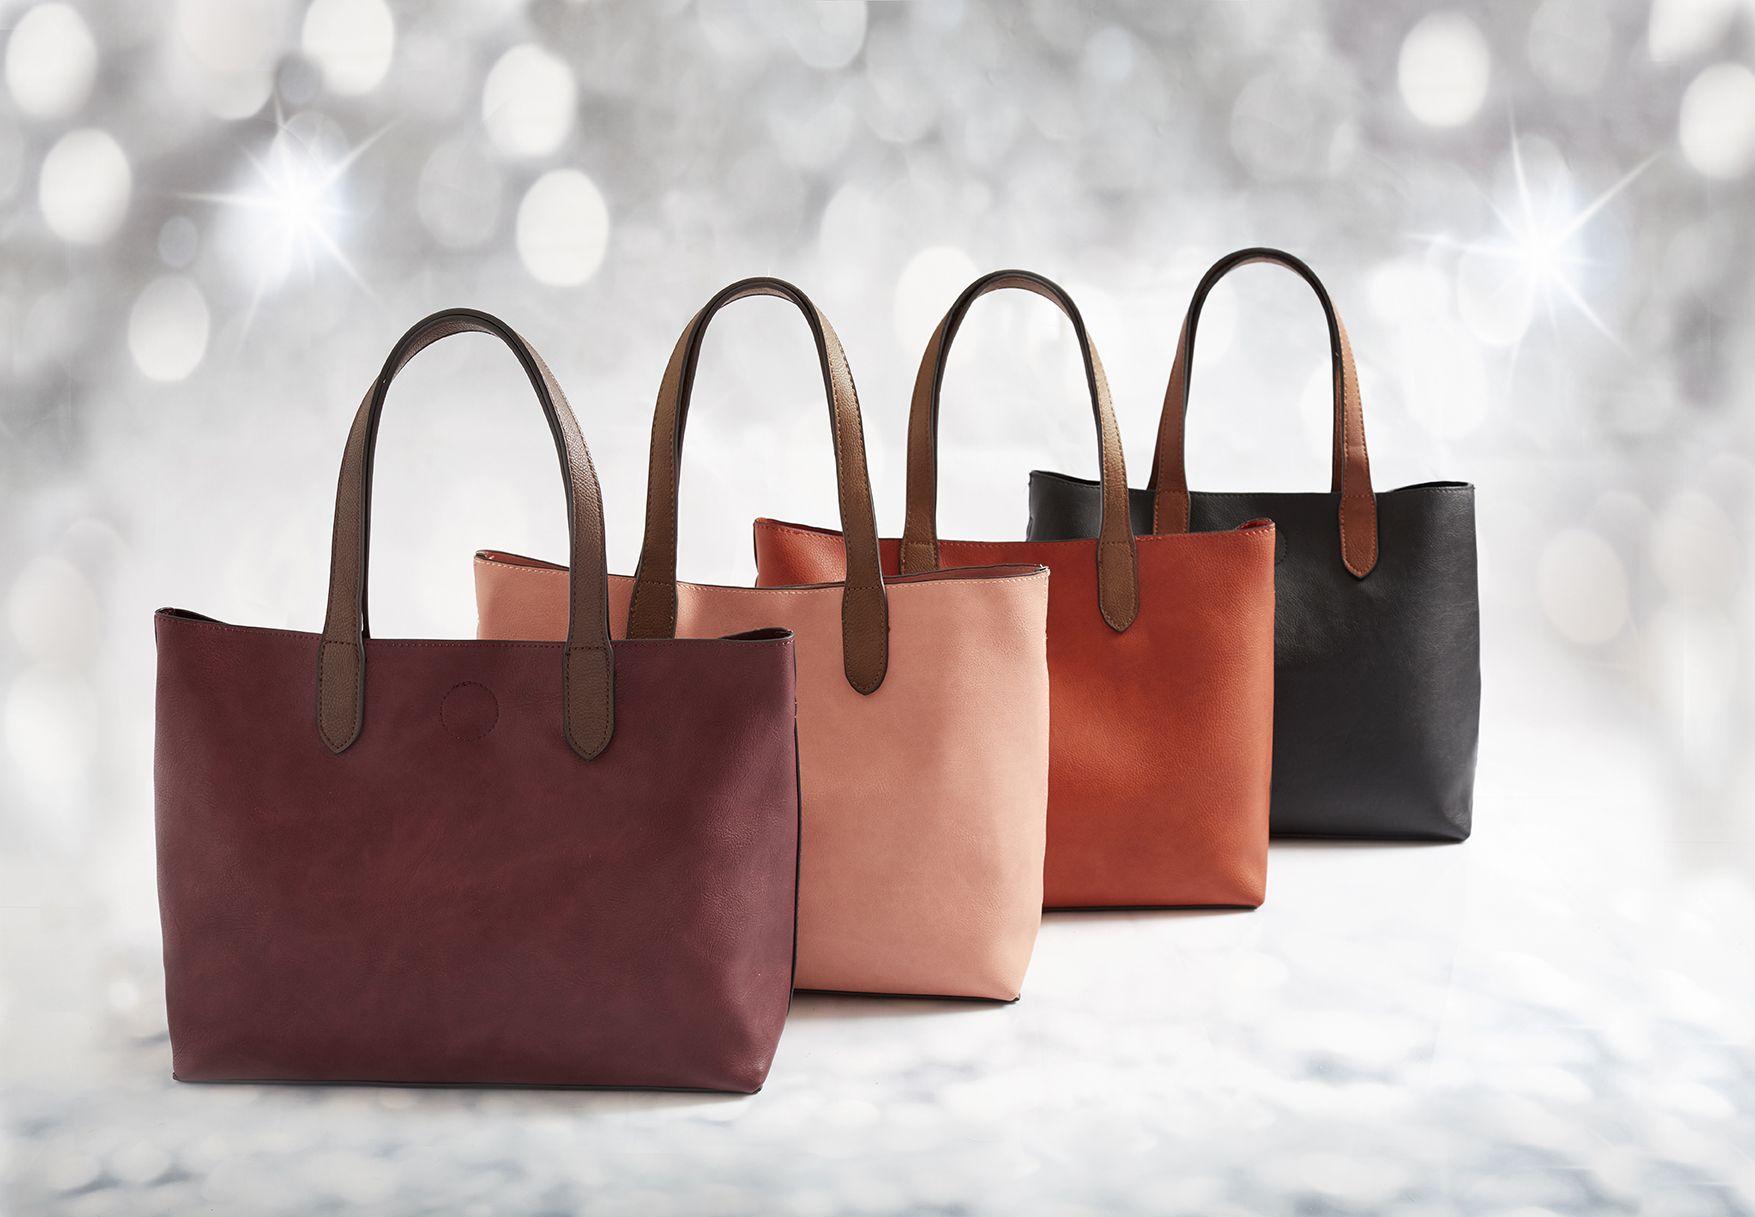 Vegan Handbags In 2020 Vegan Handbags Pure Products Chemical Free Skin Care